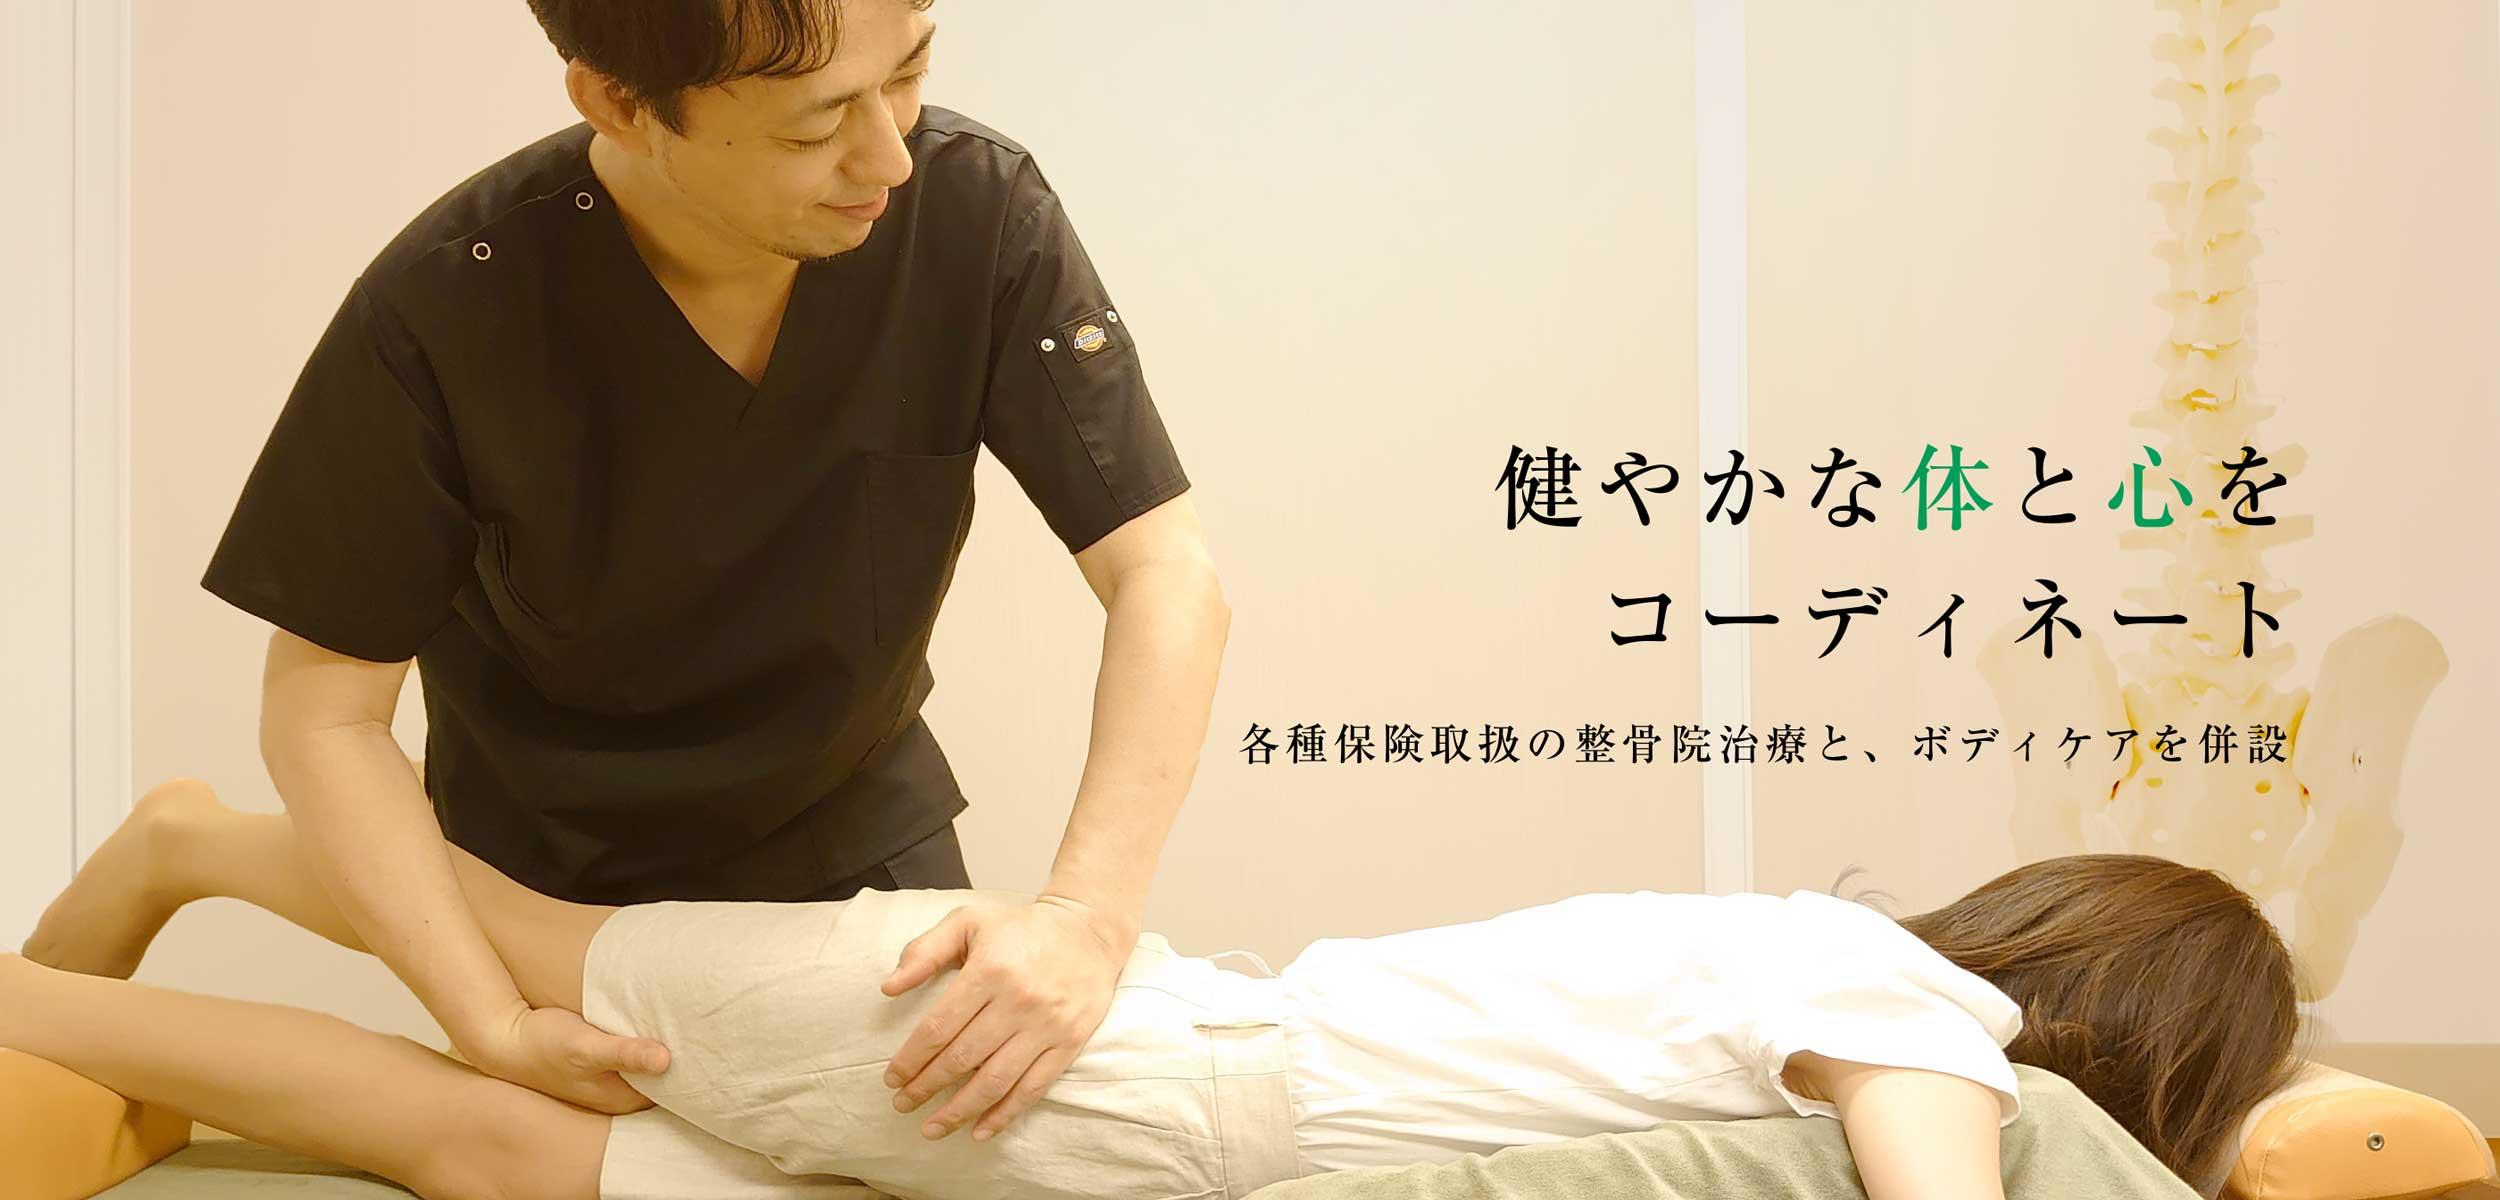 ボディセラピー浜松町整骨院 - 健やかな体と心をコーディネート。各種保険取扱の整⾻院治療と、ボディーケアを併設